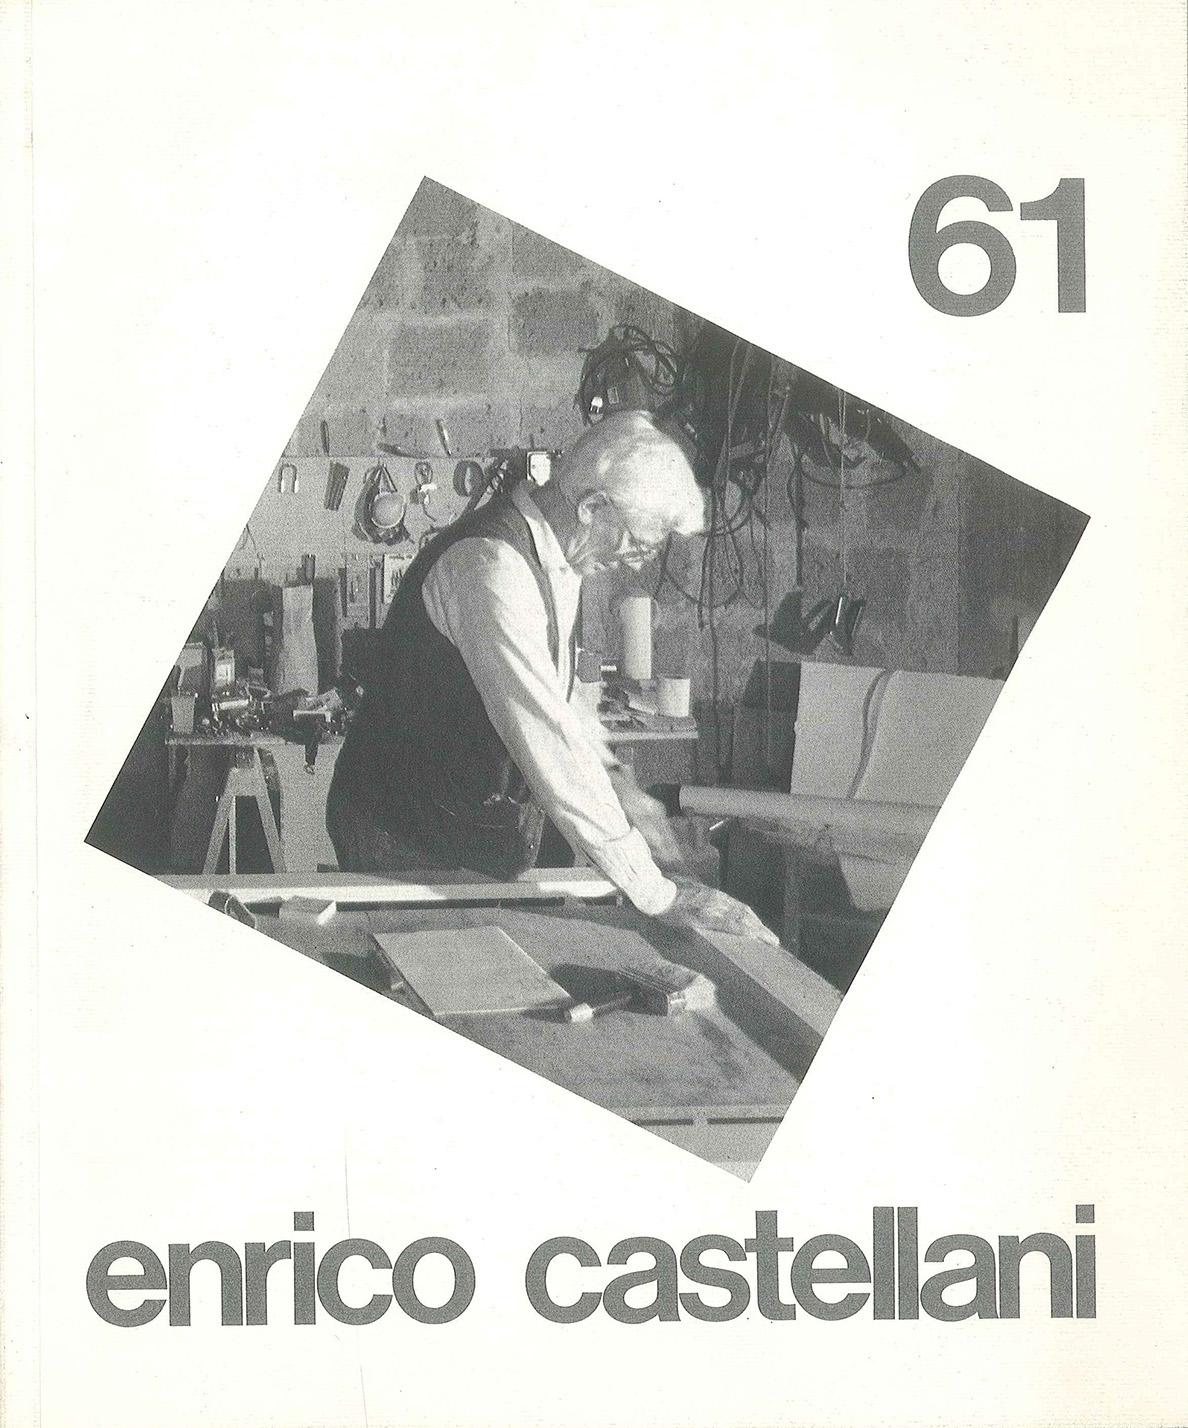 Cover - Enrico Castellani, Walter Guadagnini, Gillo Dorfles, Adachiara Zevi, 1991, Lorenzelli Arte,Milano